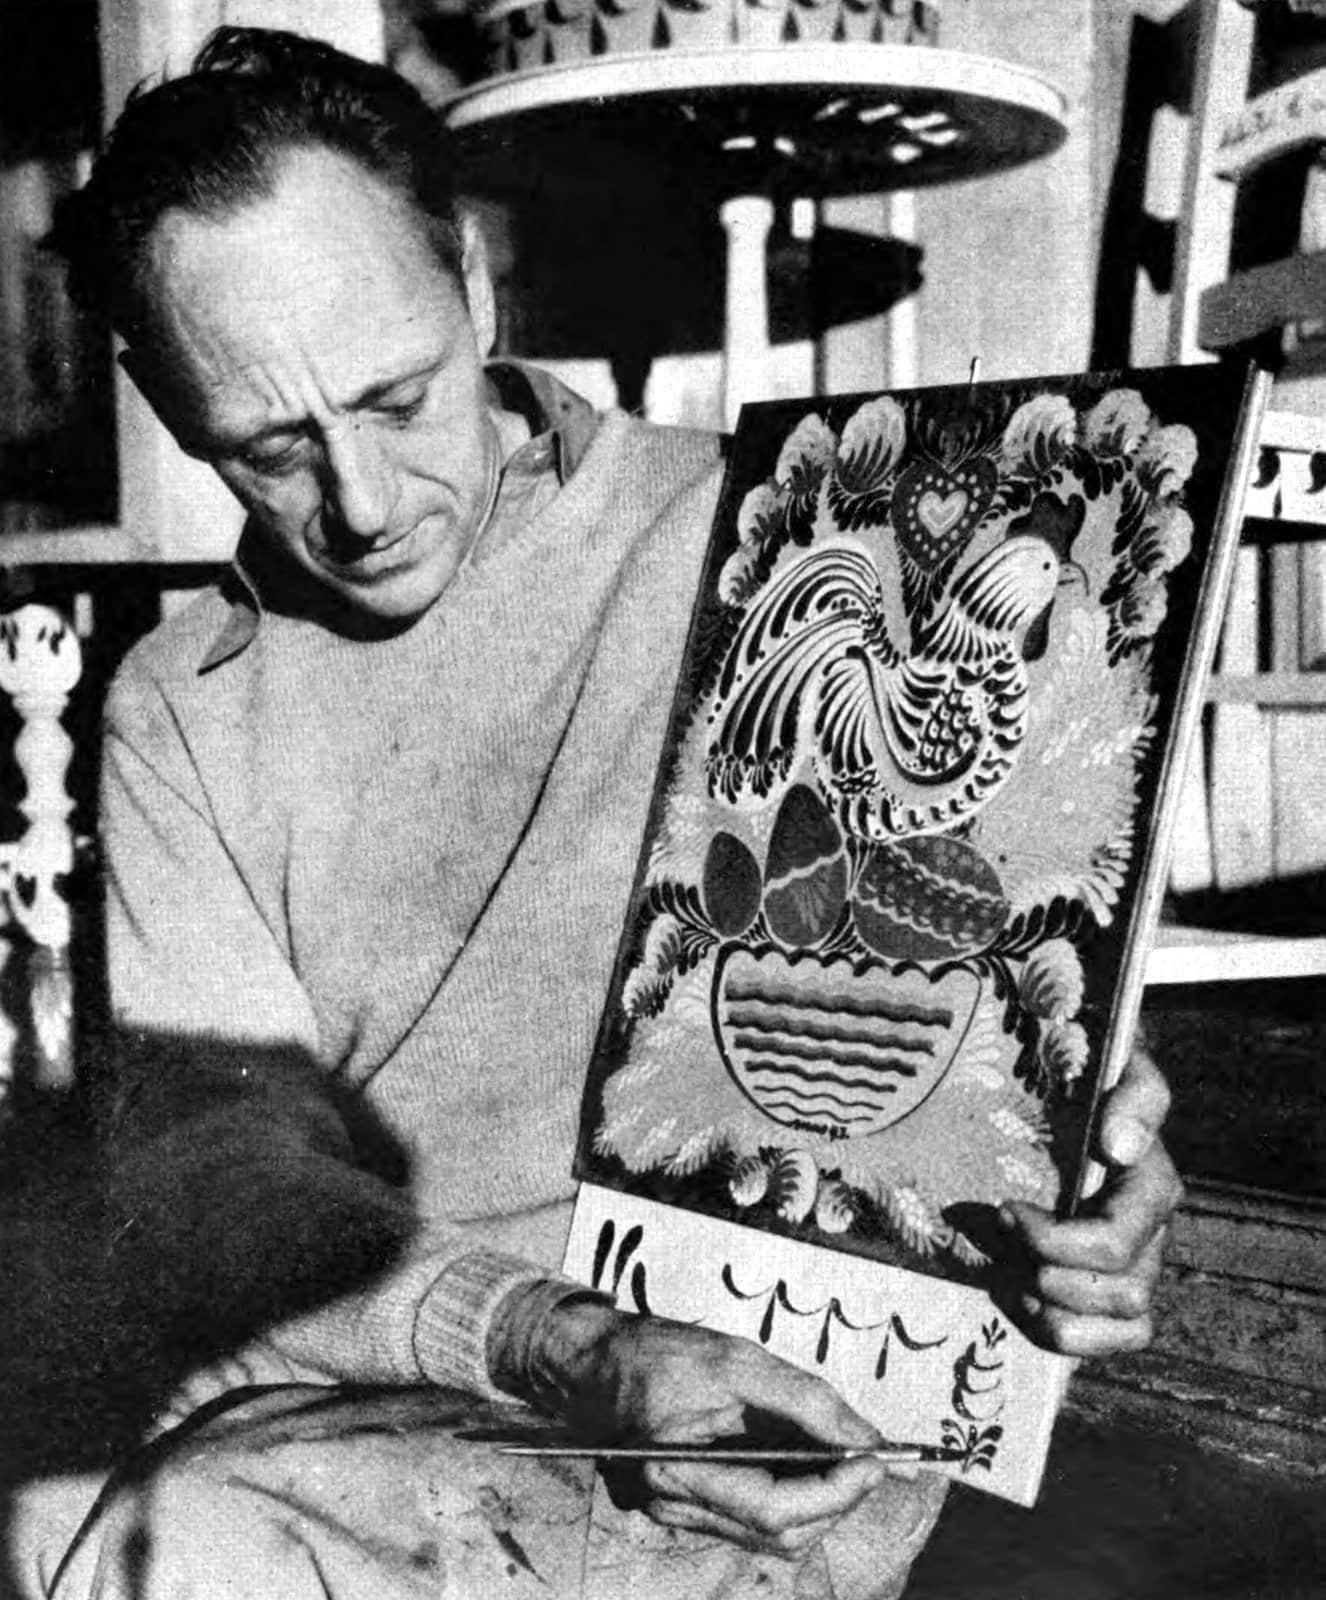 Folk artist Peter Hunt demonstrating brush stroked (1940s)